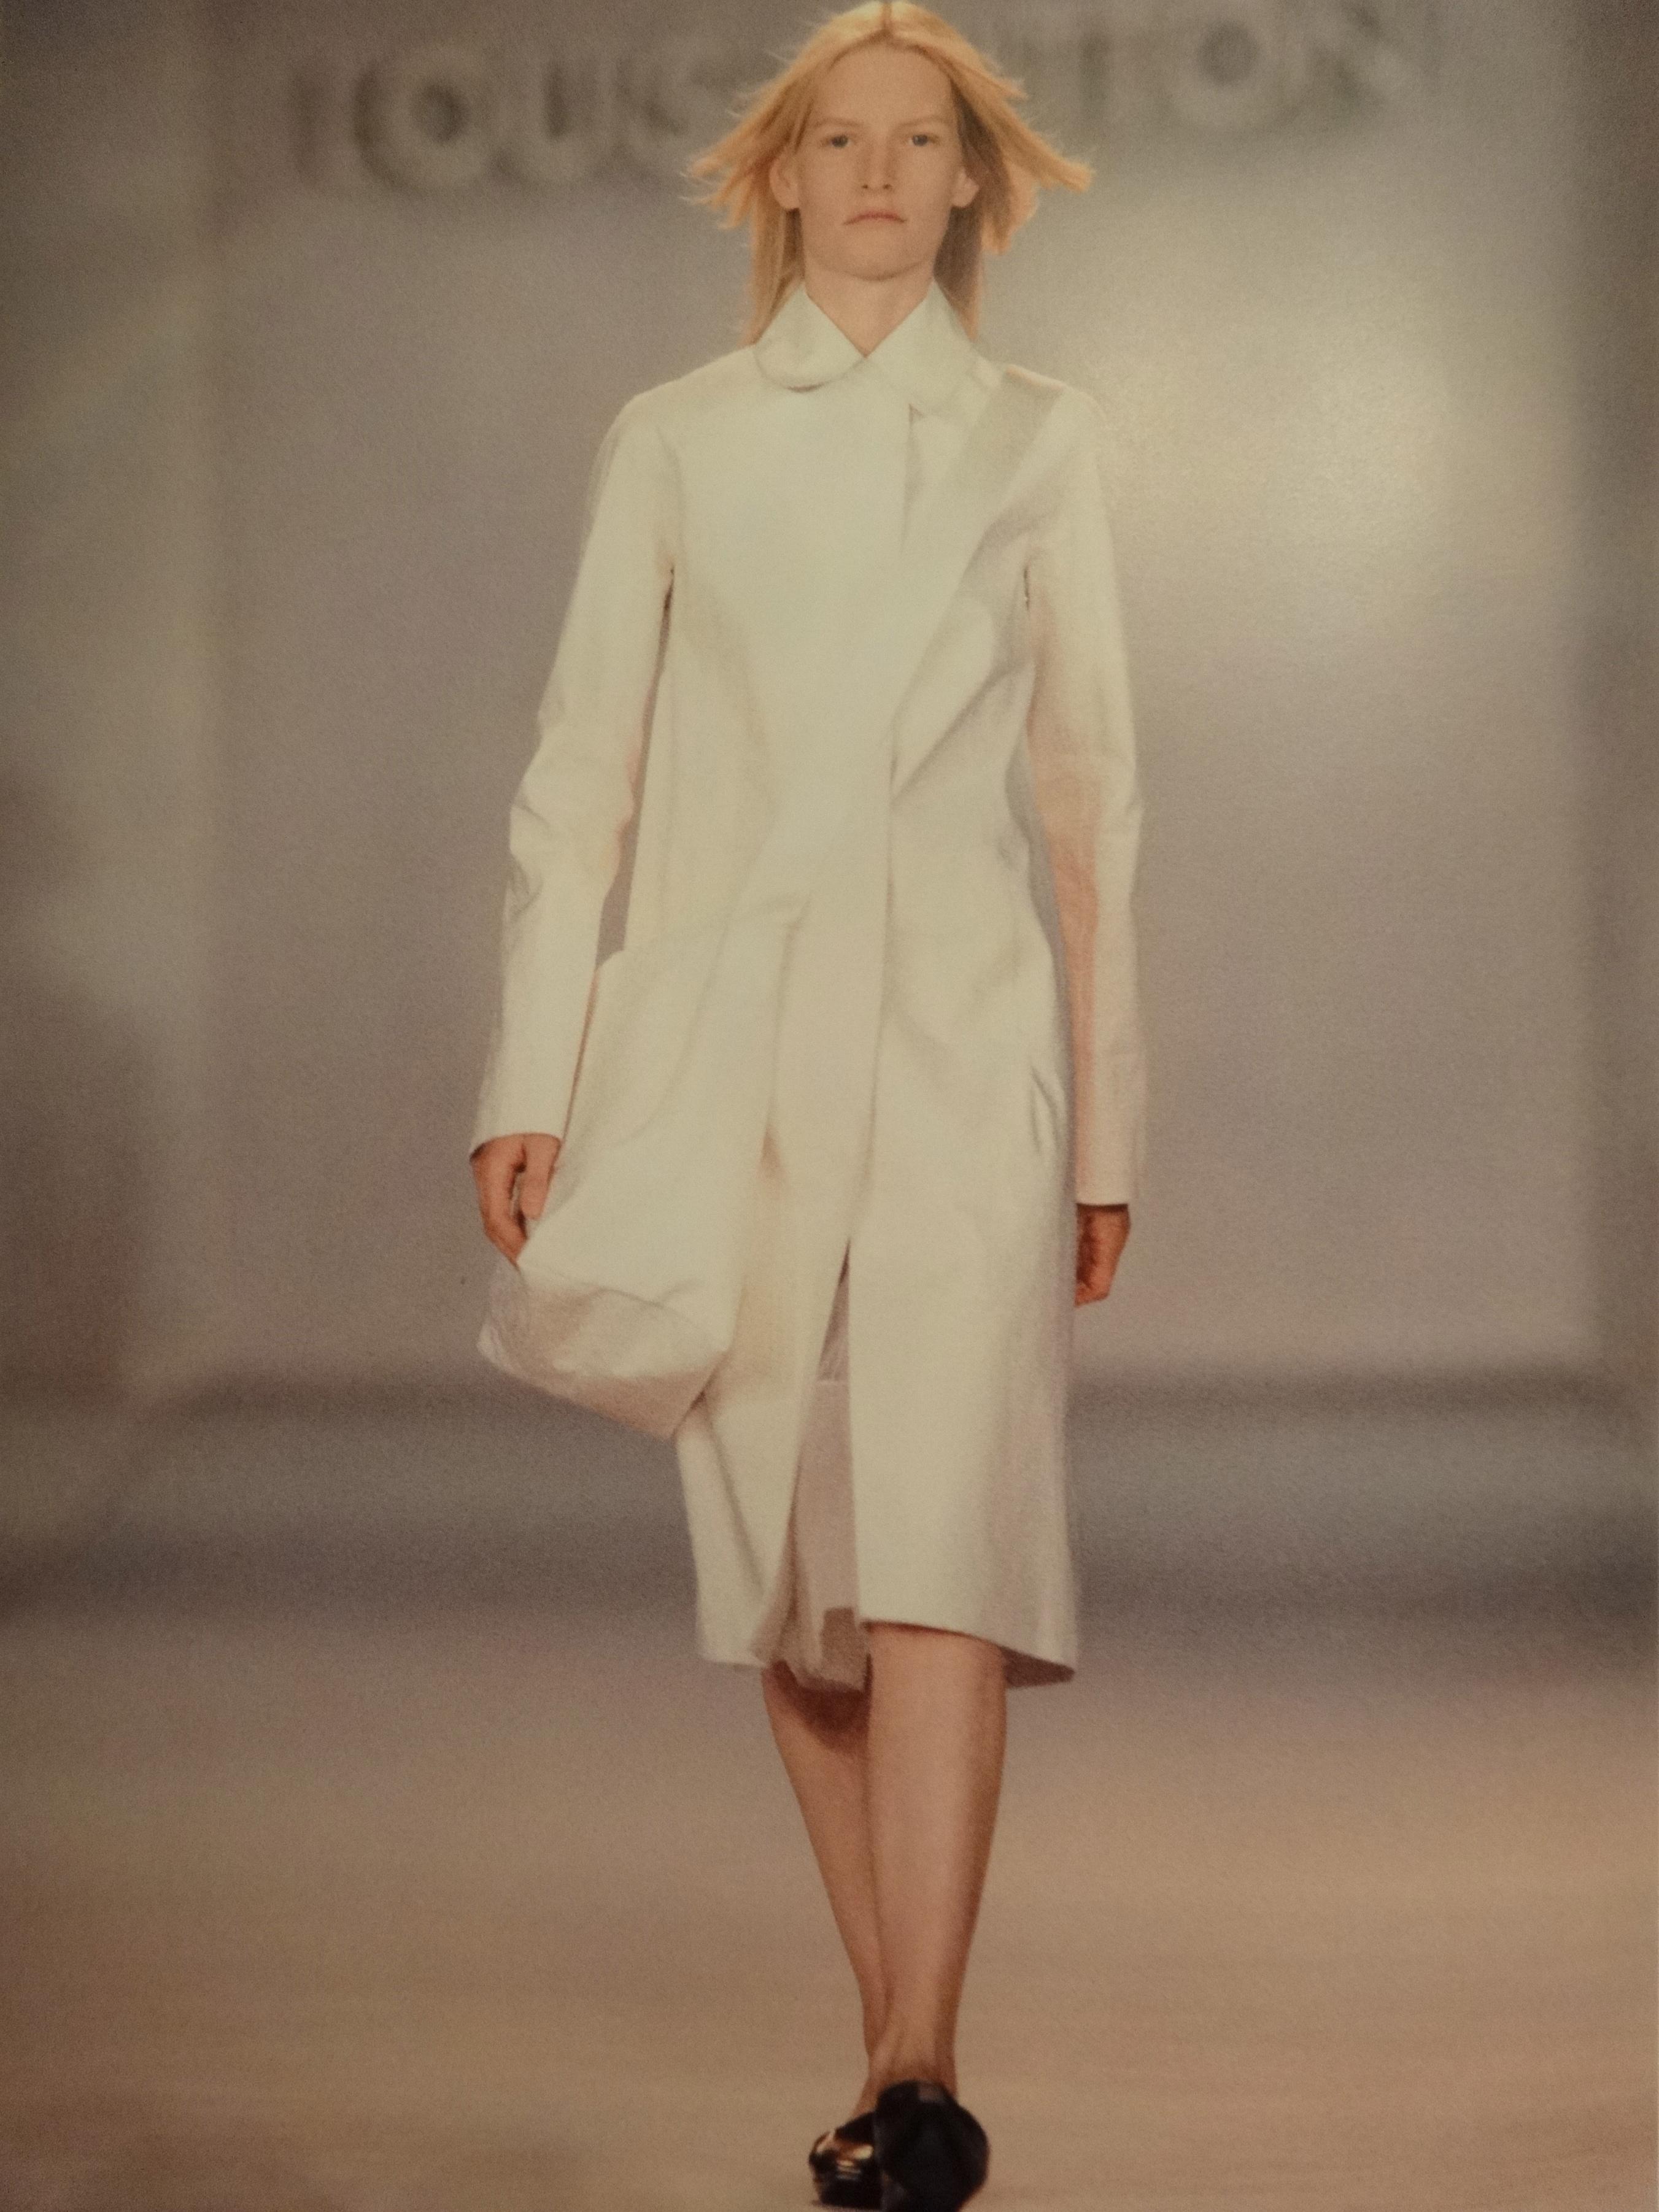 Marc Jacobs first show Fall Winter 1998 - 1999 - white lambskin Messenger Bag, (c) Louis Vuitton